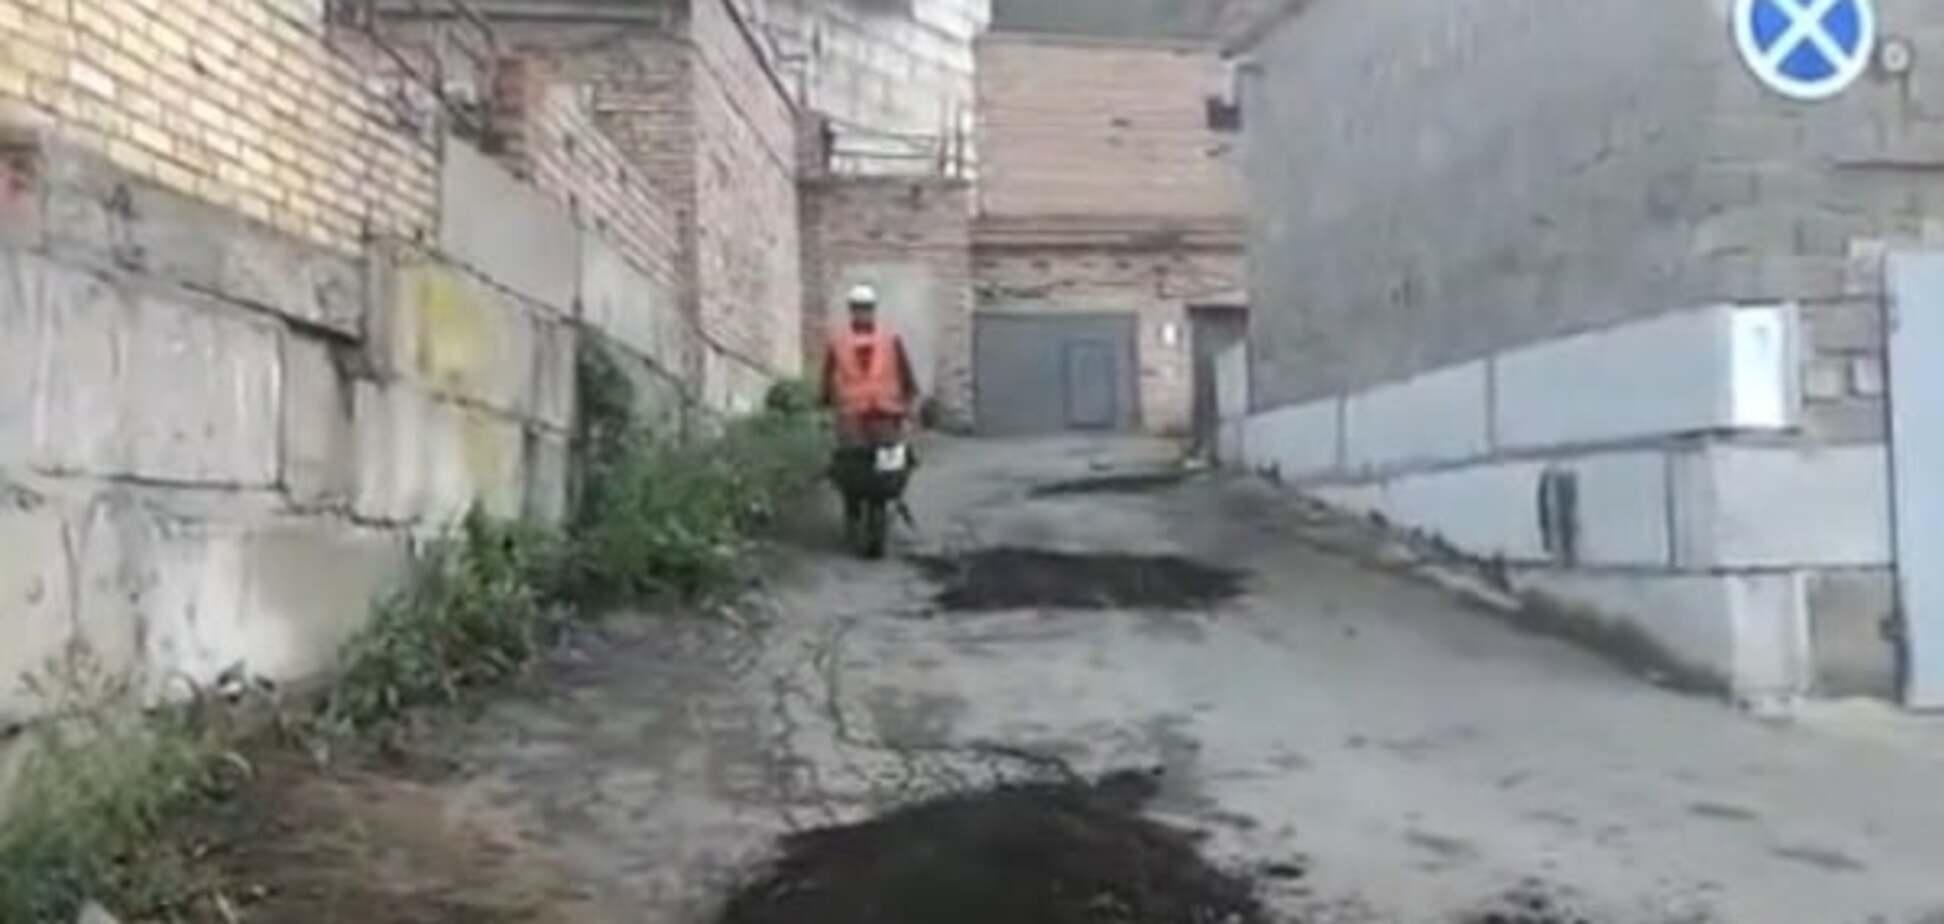 Так наказали: у мережі показали, як у Росії 'латають' асфальт за допомогою землі